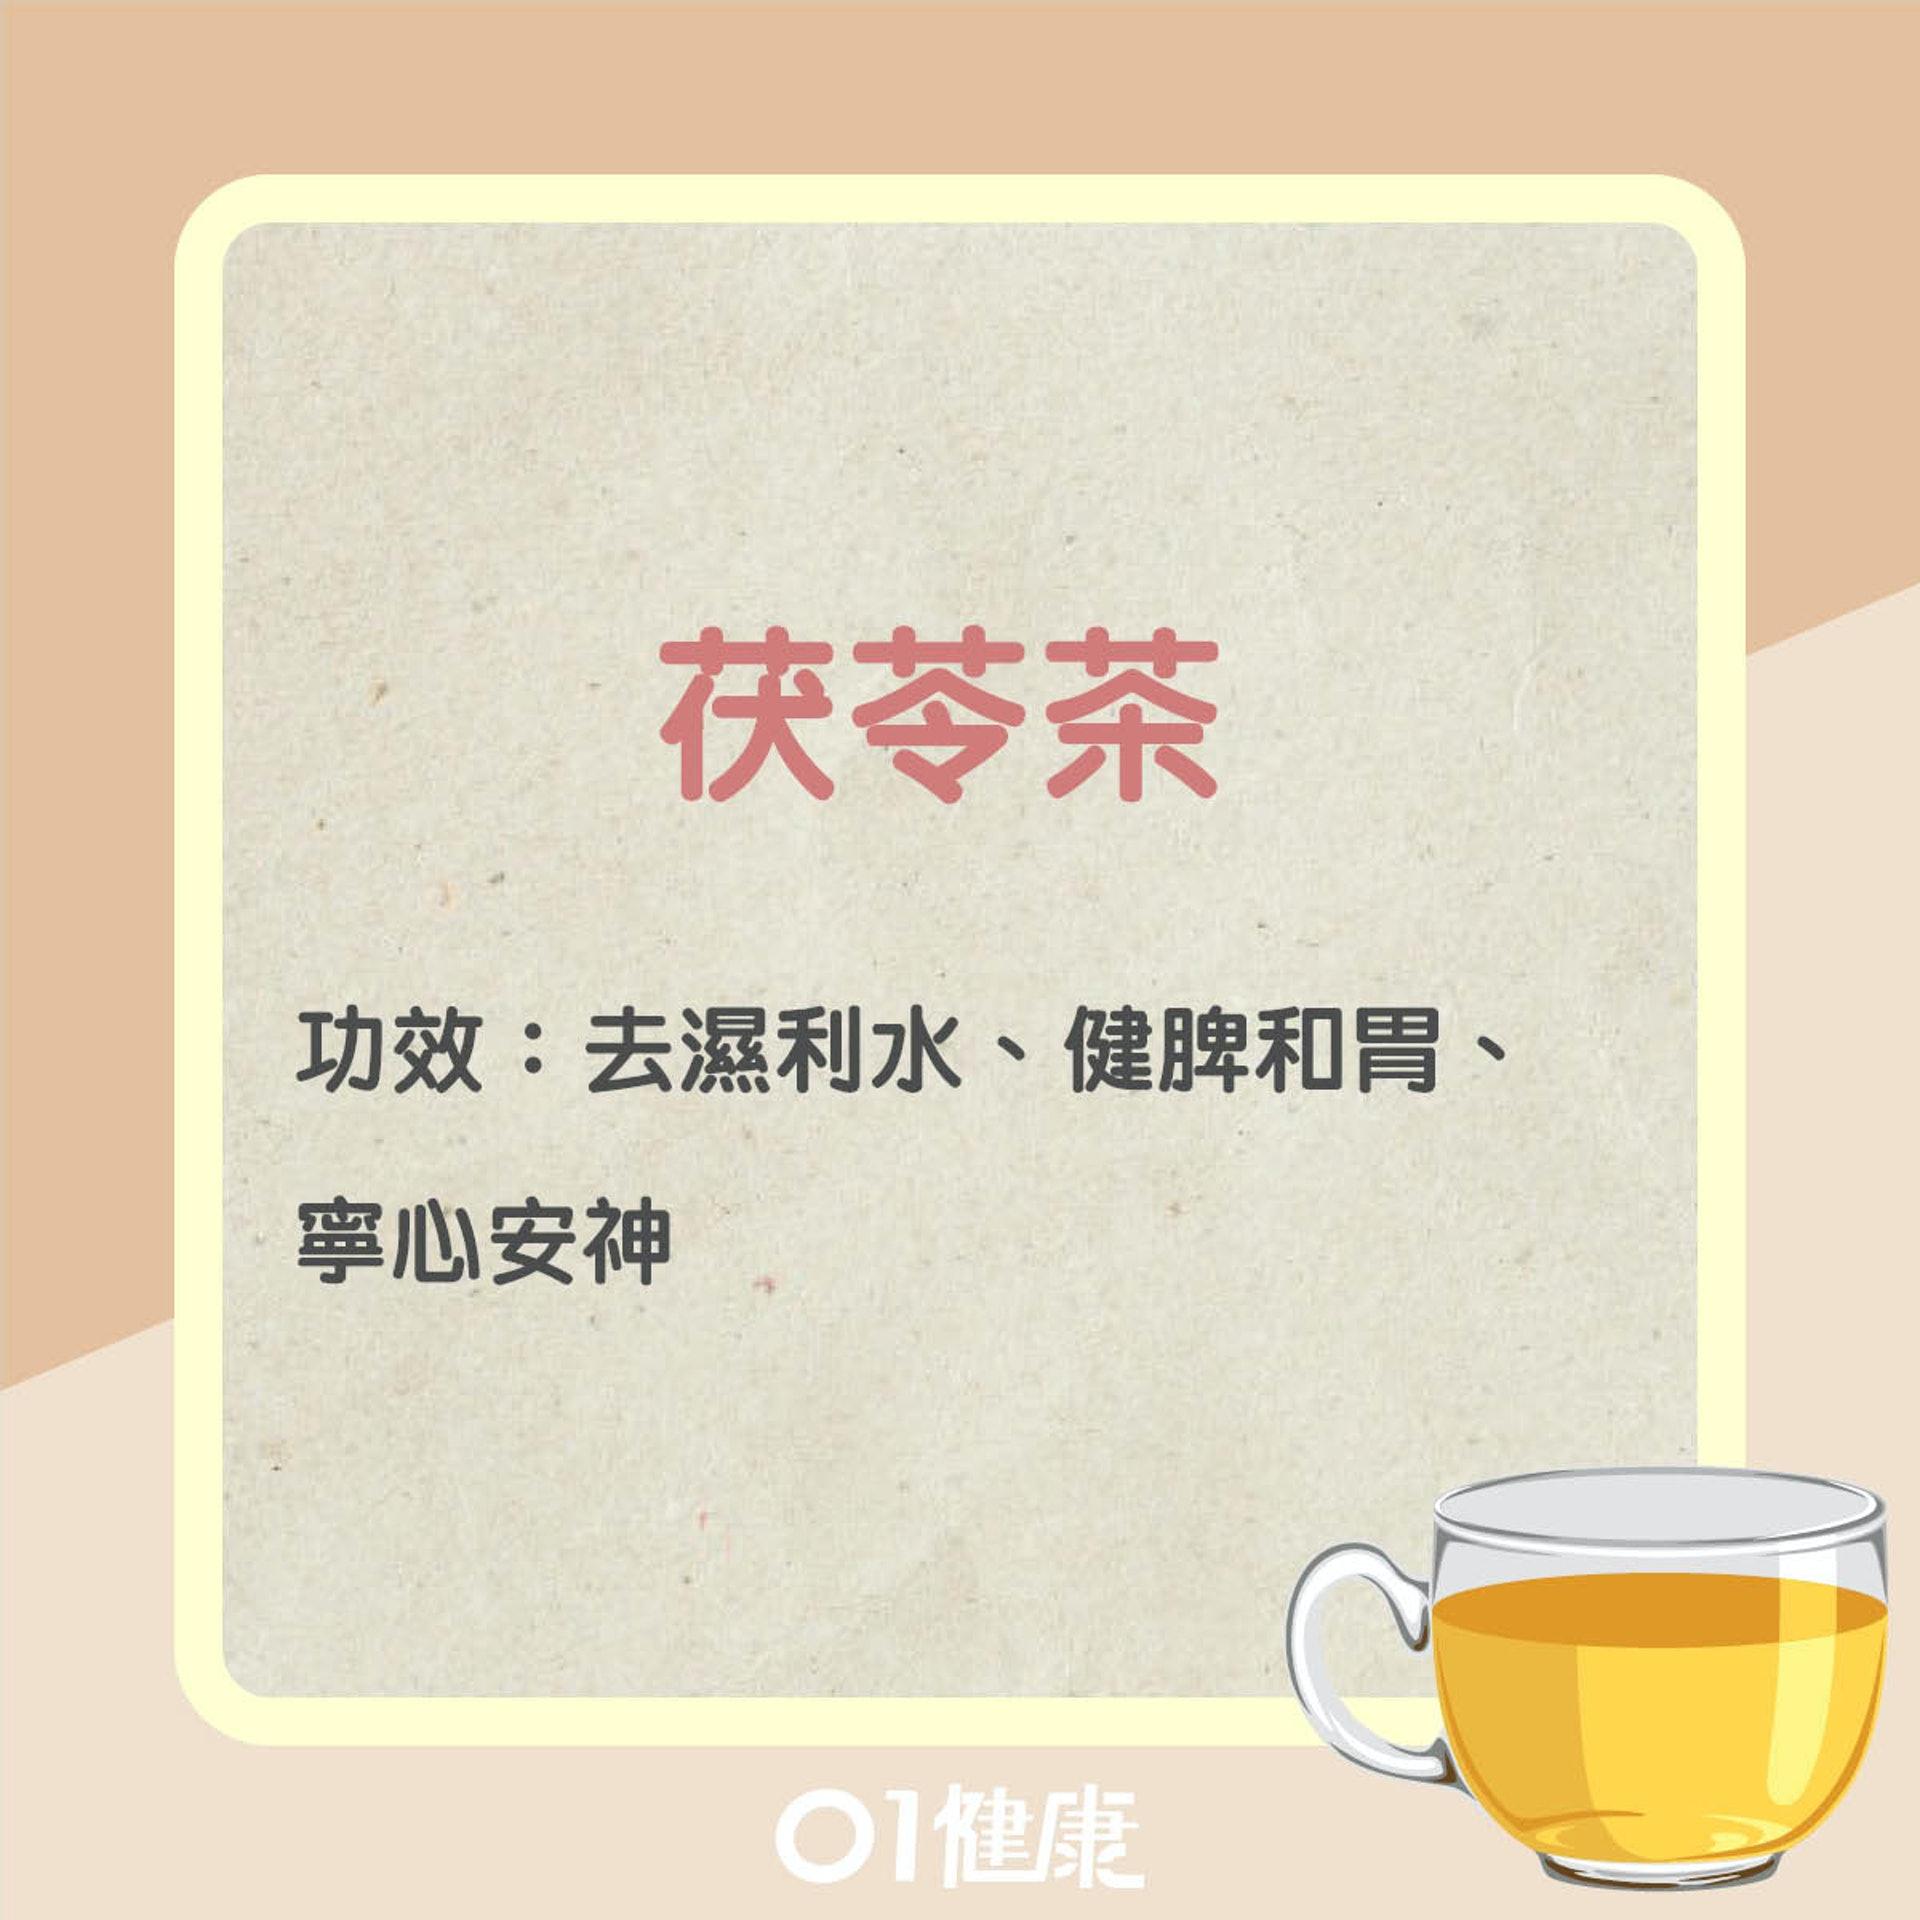 茯苓茶療(01製圖)